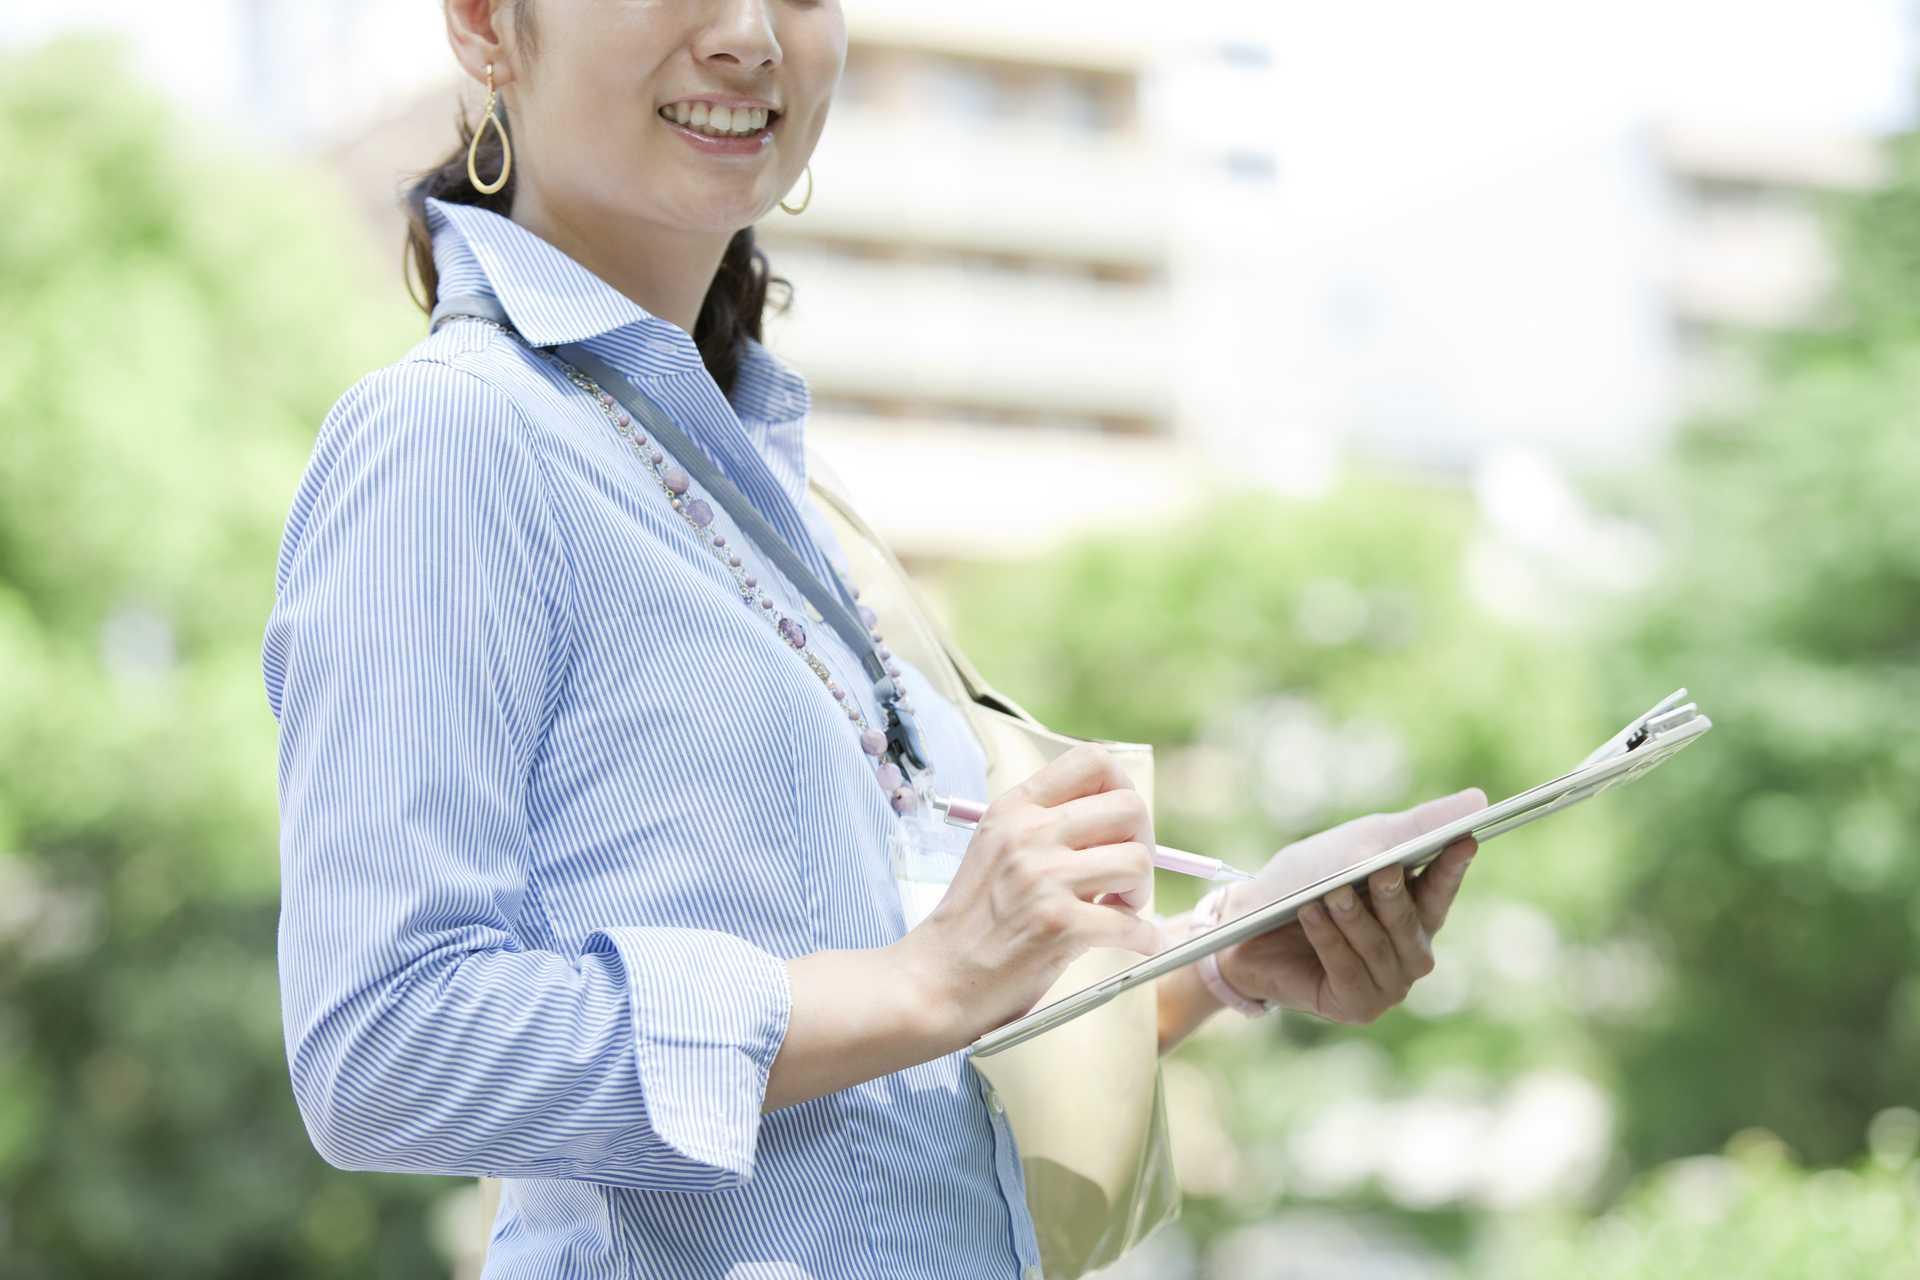 散歩の達人のポケットには、紙とペンが入っている。 | 散歩の楽しみ方に気づく30のポイント